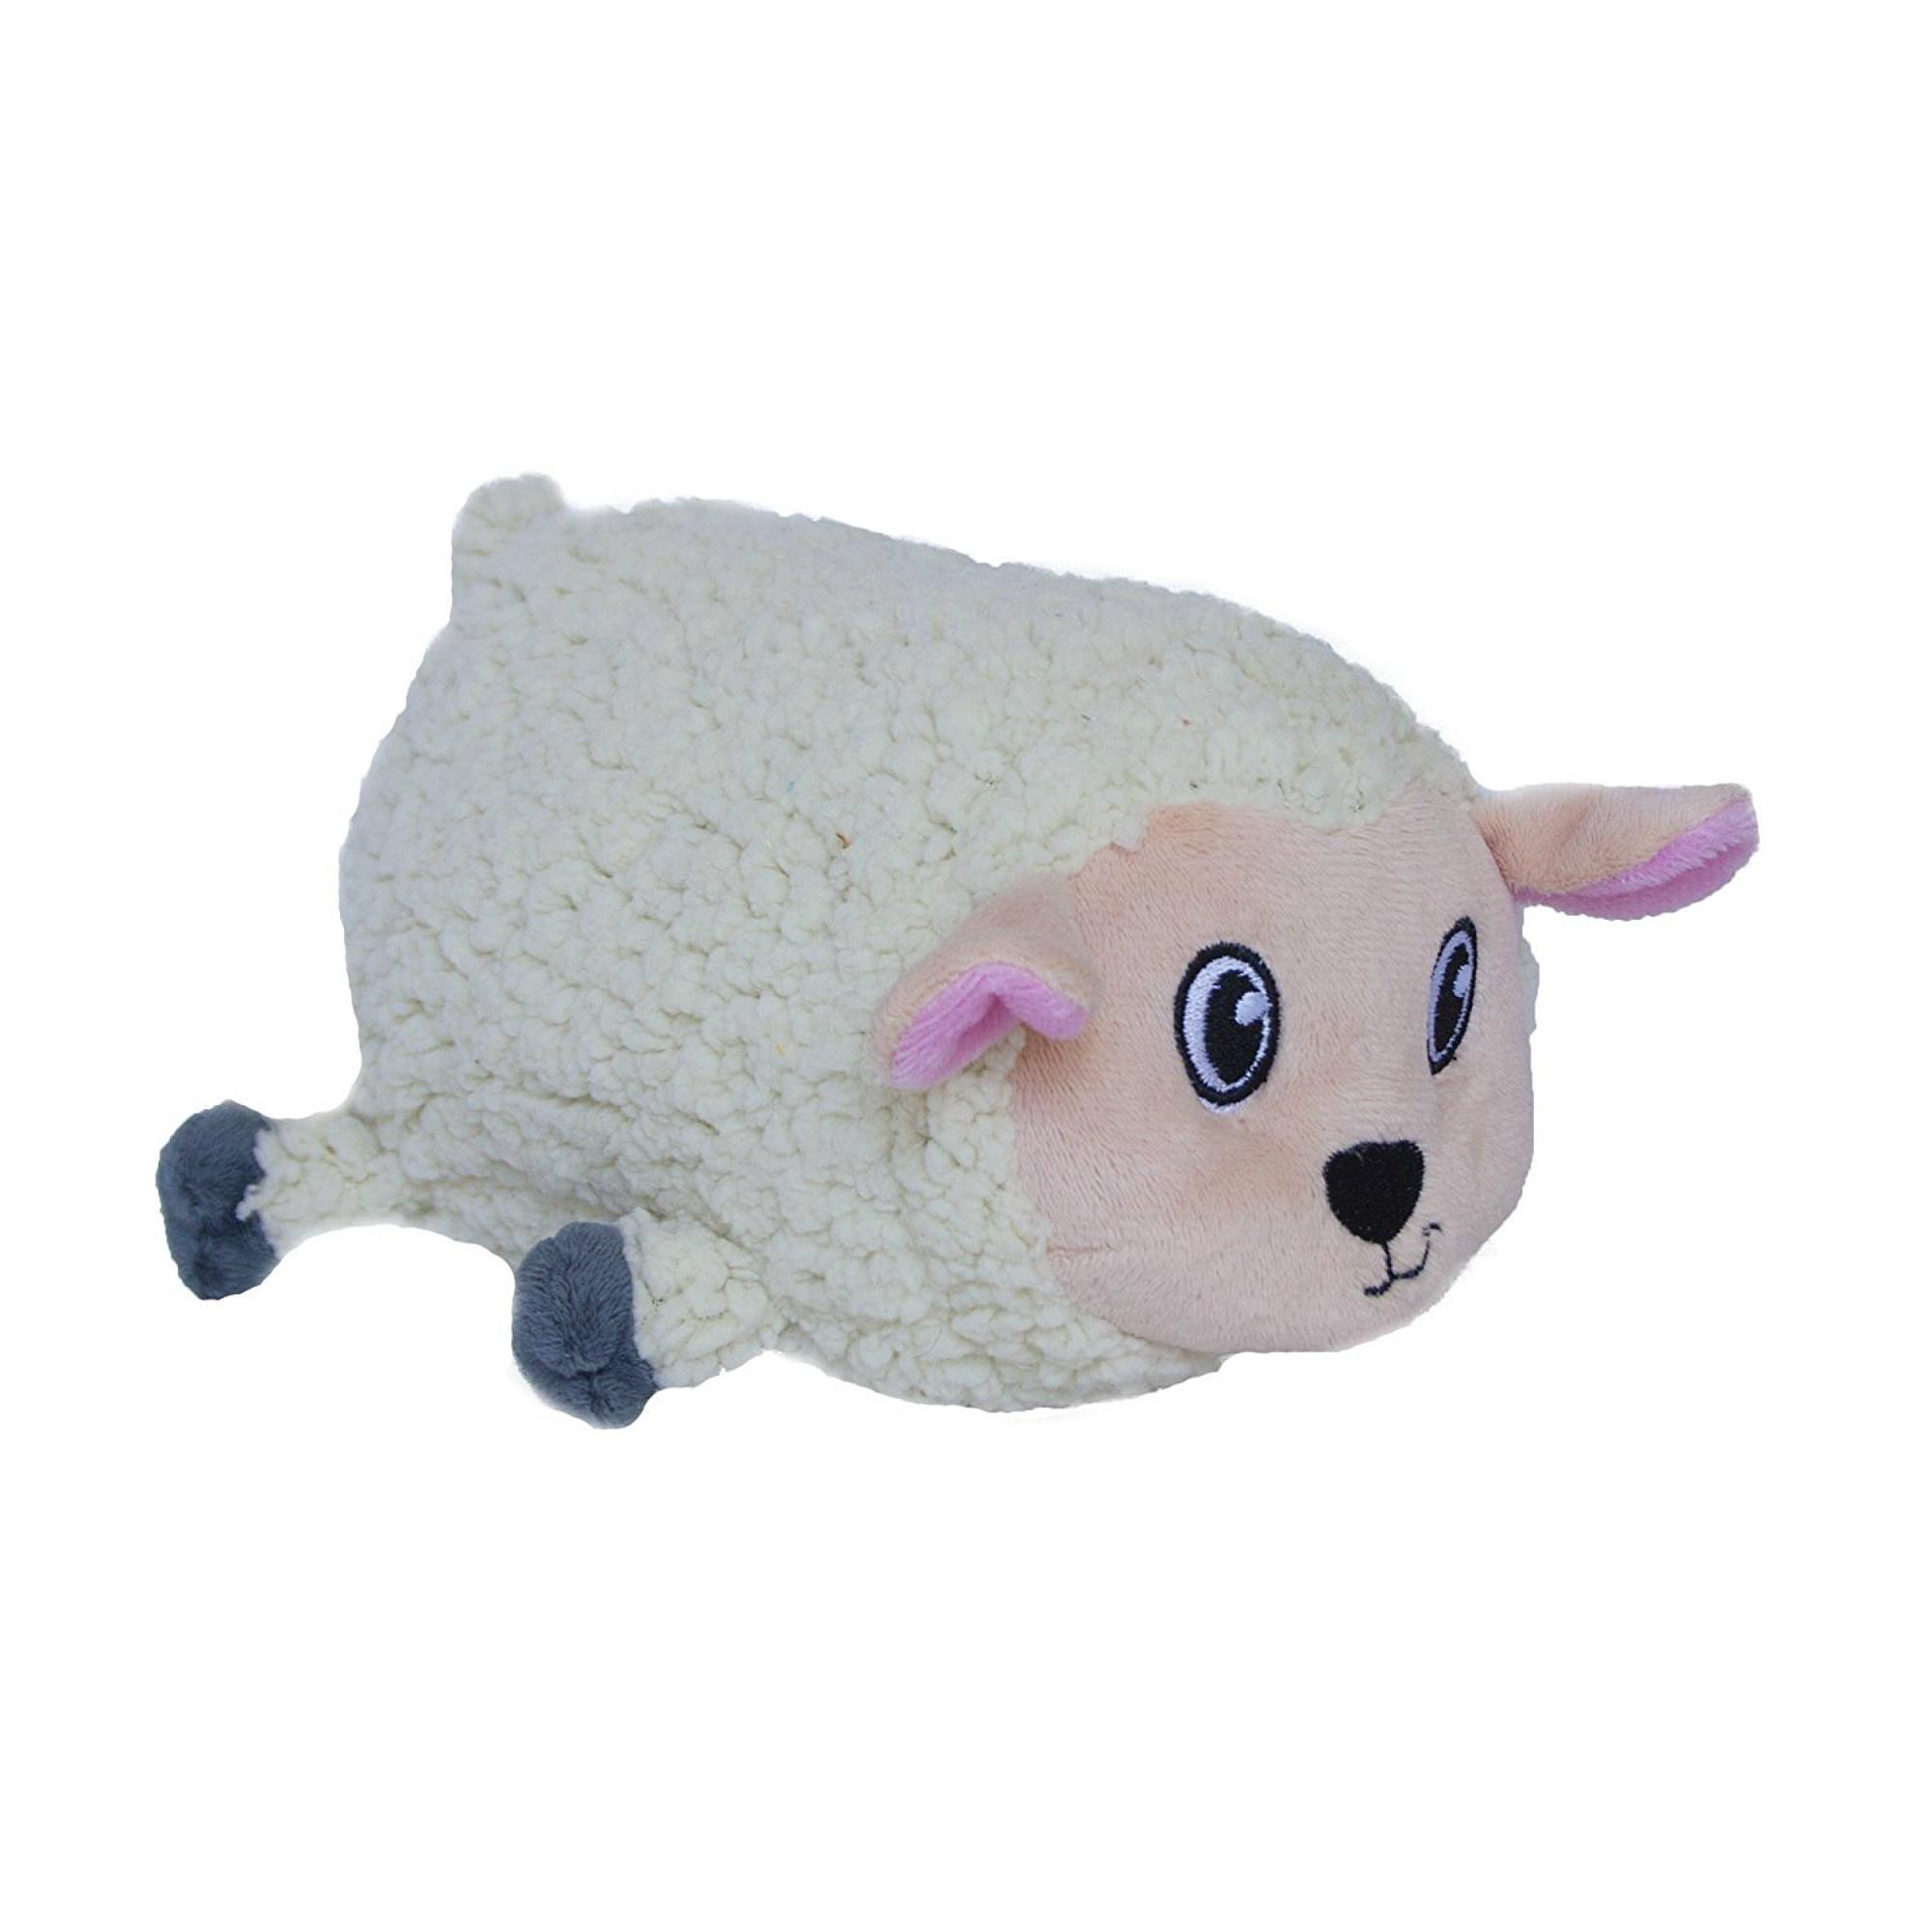 Outward Hound Fattiez Dog Toy - Sheep